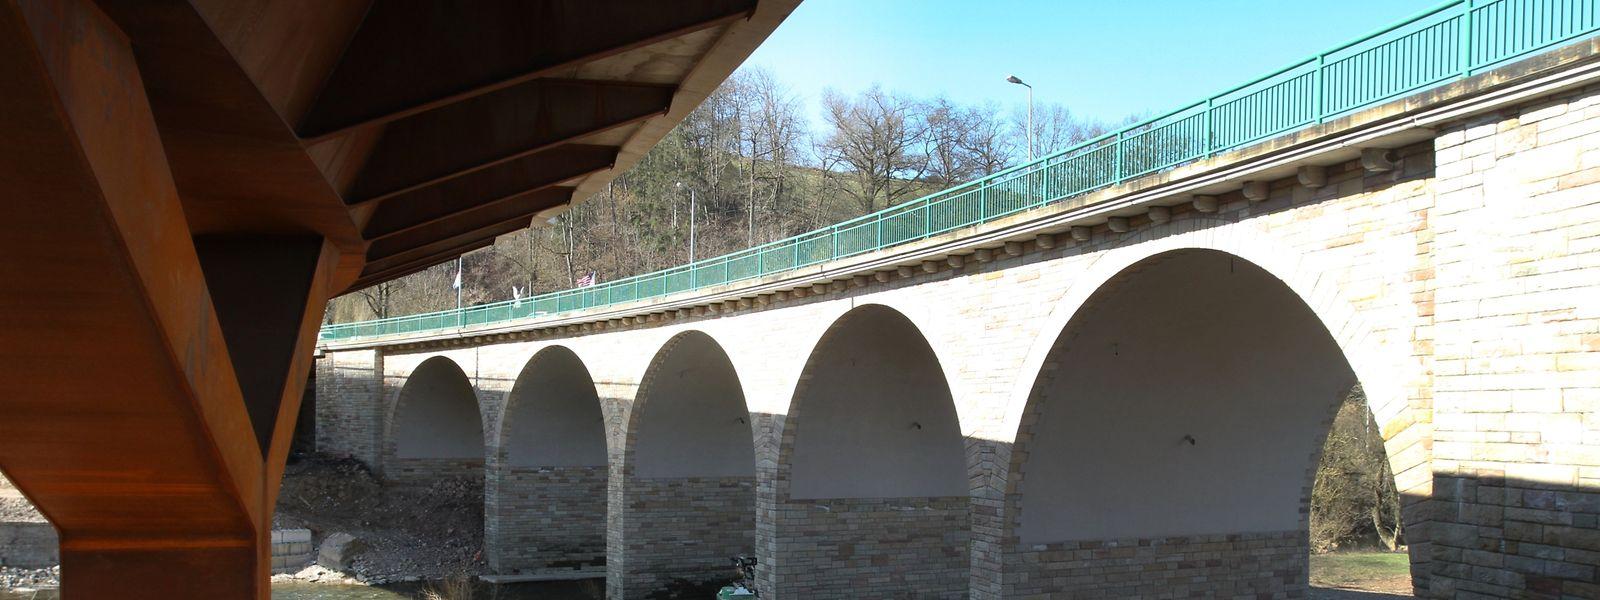 Die 70 Jahre alte Sauerbrücke verfügt über fünf aus Hausteinen errichtete Rundbögen. Parallel dazu wurde nun eine neue Brücke errichtet (links). Diese wird in Kürze für den Verkehr freigegeben.